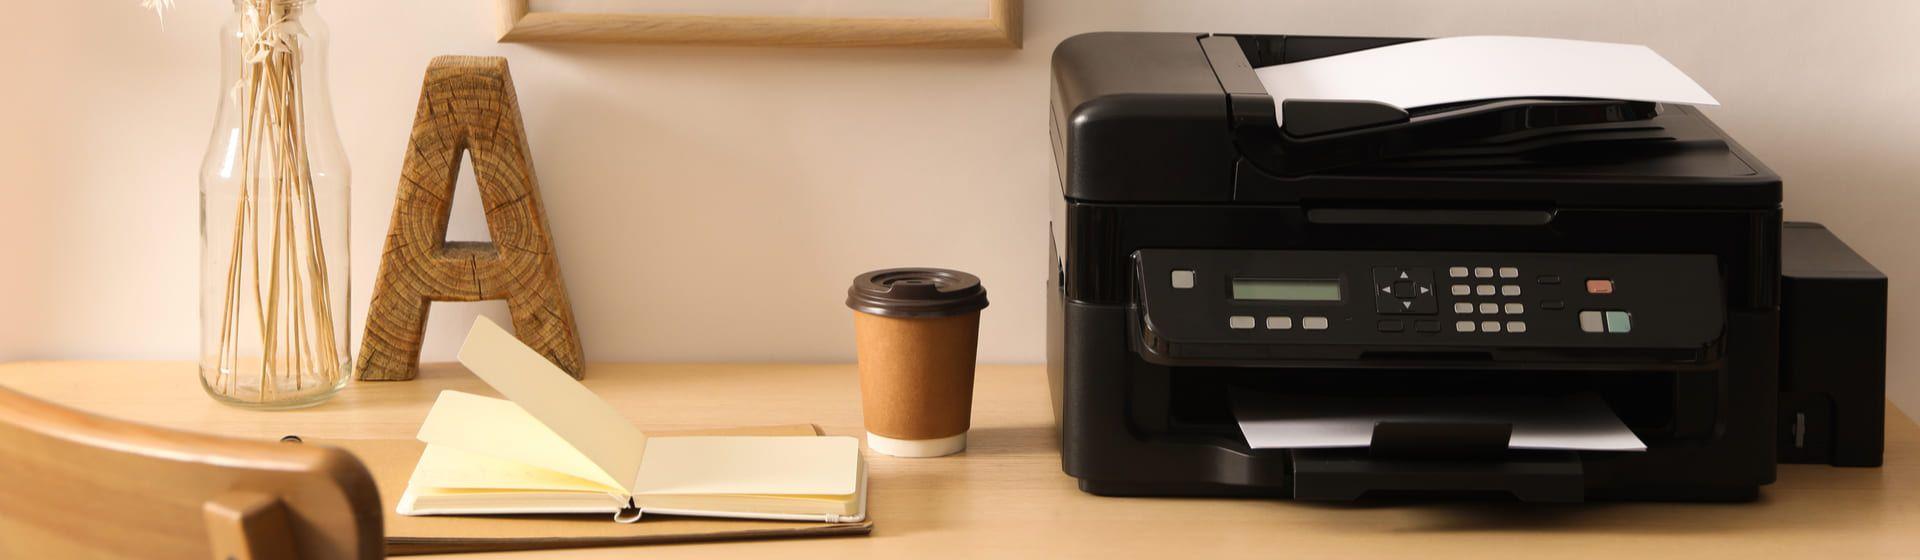 Melhor impressora A3 de 2021: 6 modelos que imprimem no formato